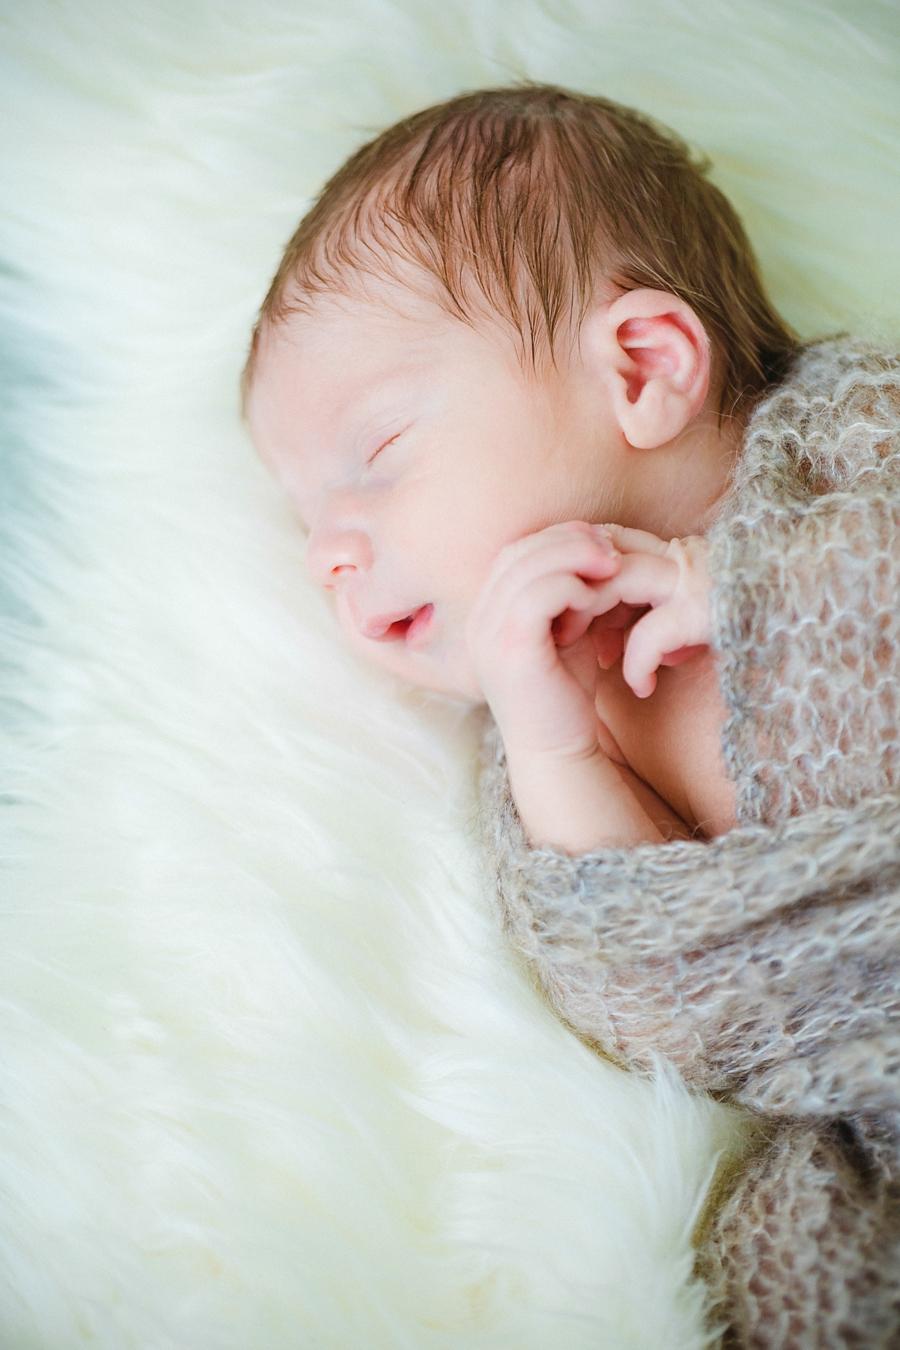 fotografin-newbornshooting-neugeborenes-babyshooting-babyfotos-schwangerschaftsshooting-aachen-herzogenrath-uebach-palenberg-geilenkirchen-koeln-duesseldorf-heinsberg-nrw-blog_002_